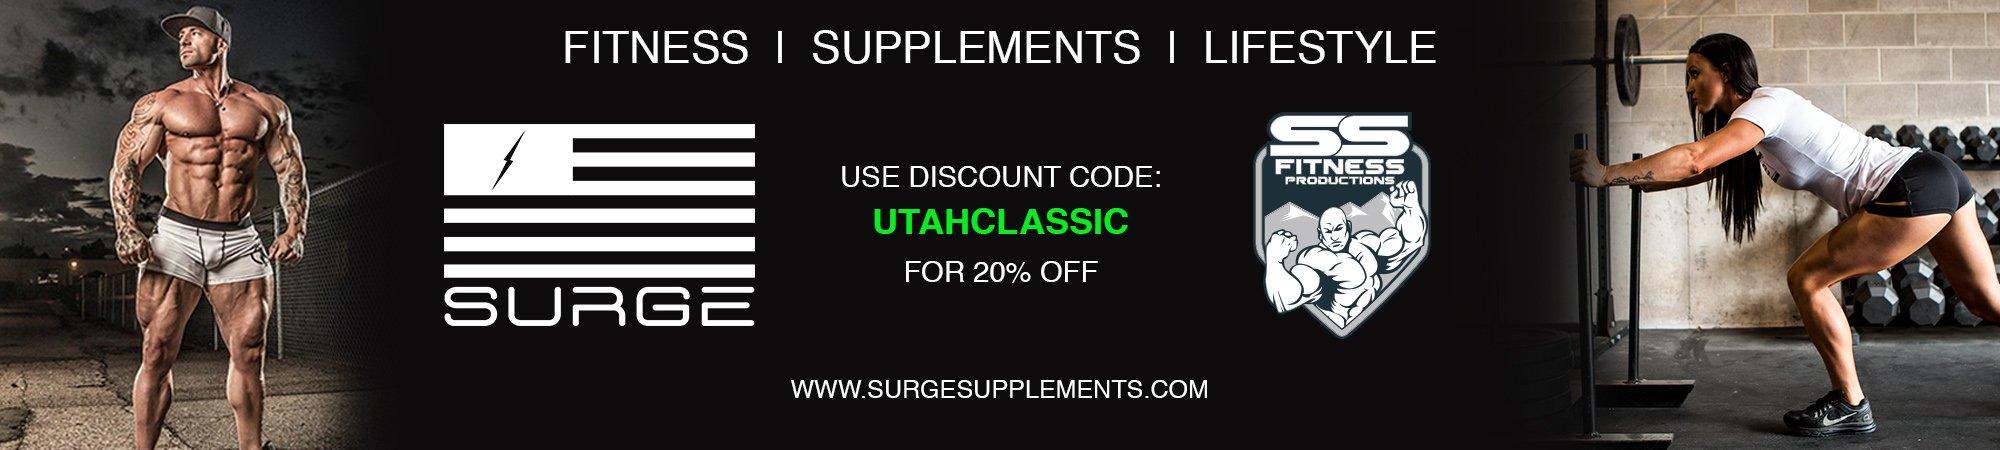 Surege Supplements NPC Utah Classic Discount Code